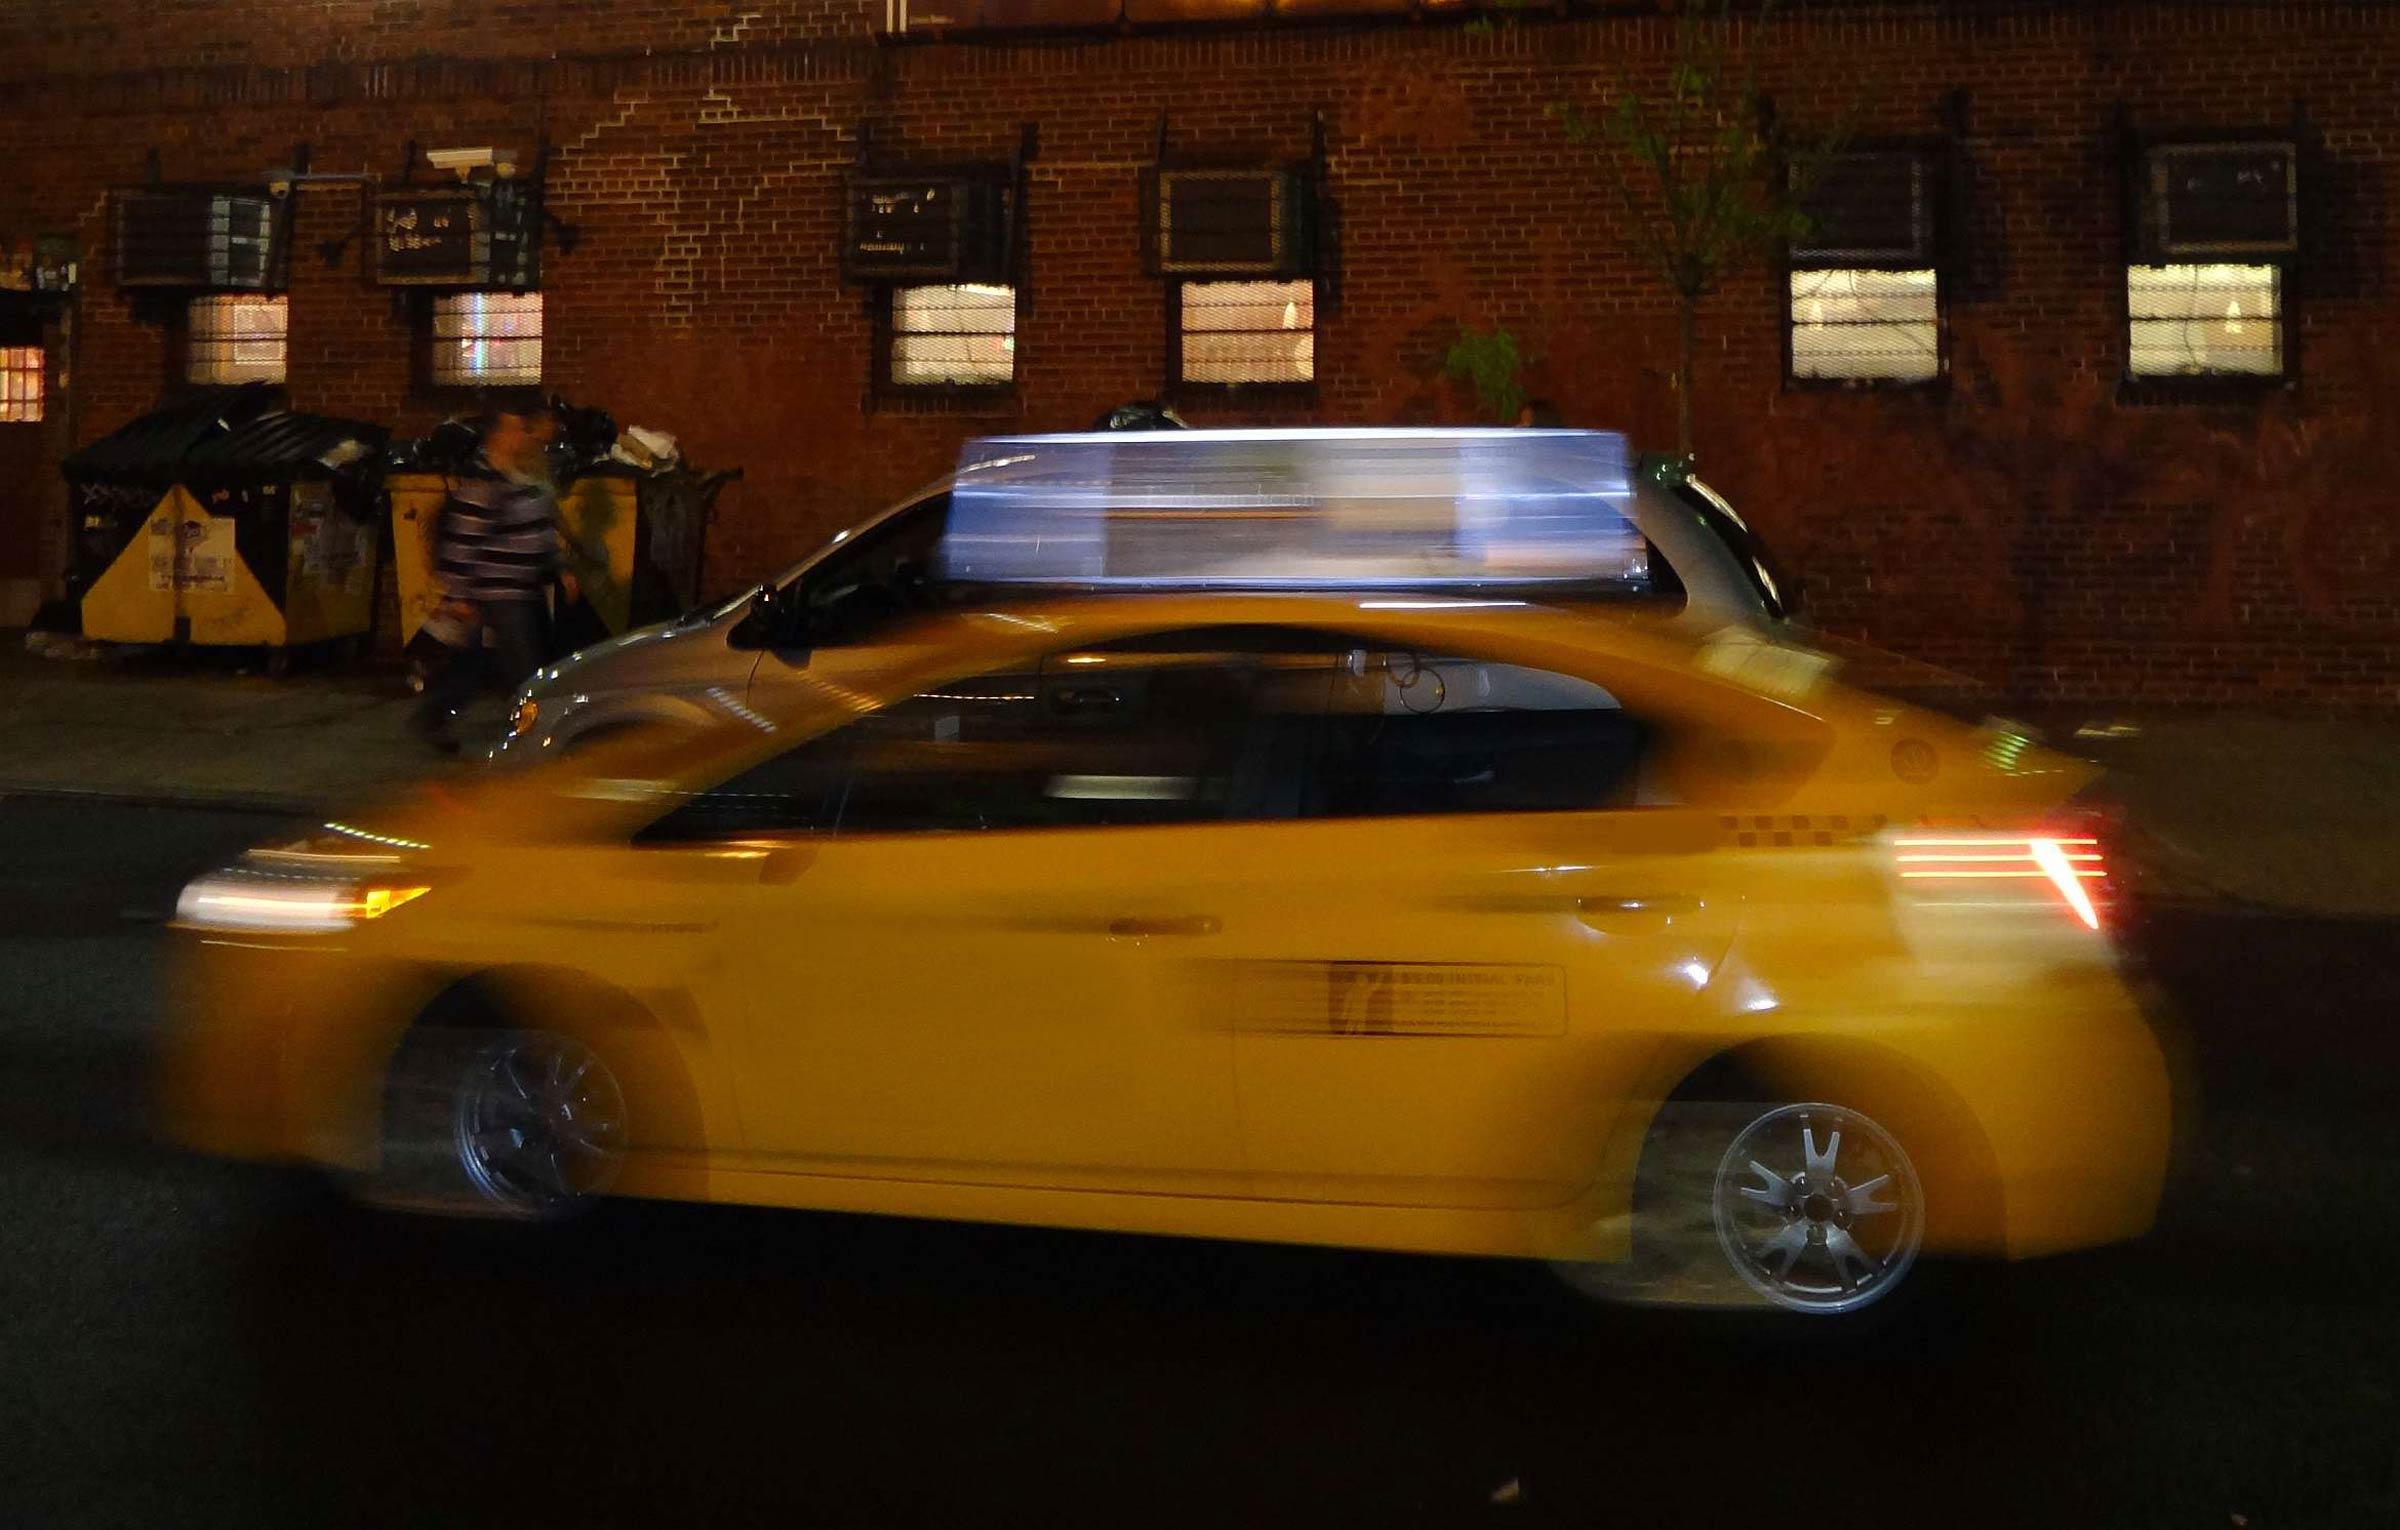 12 tipps ein taxi weltweit g nstig und sicher zu bekommen. Black Bedroom Furniture Sets. Home Design Ideas